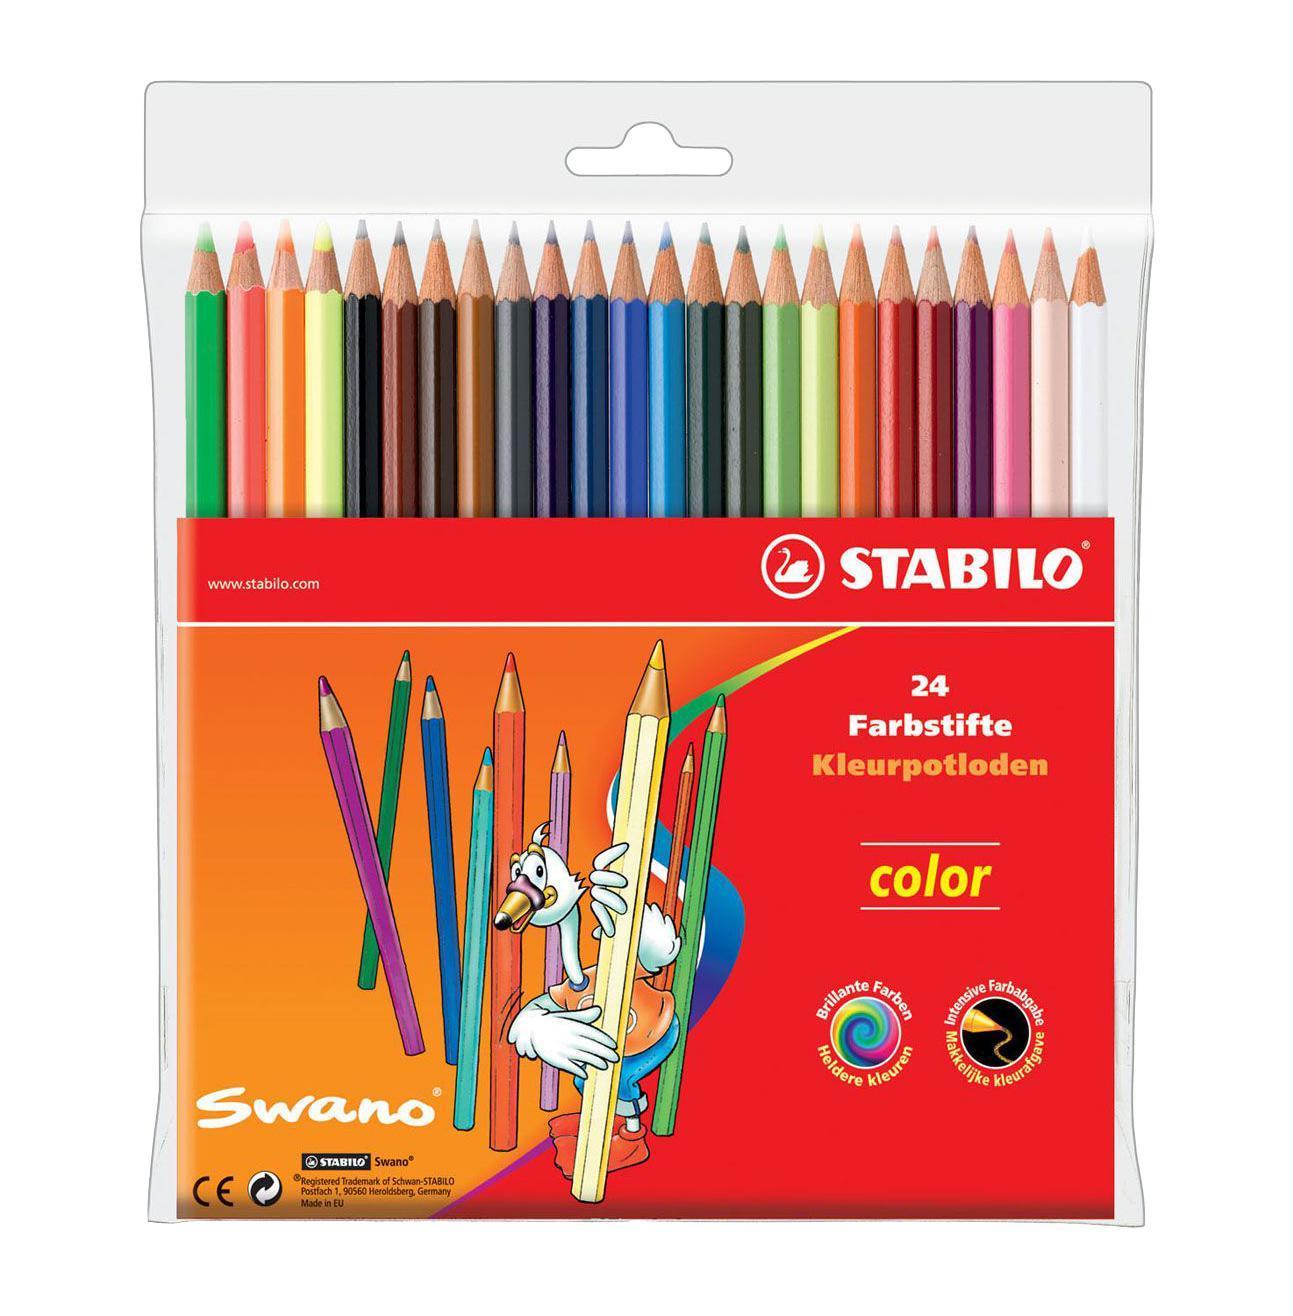 Карандаши цветные Stabilo Color, 24 цвета3554/24 8 KSЦветные карандаши STABILO color шестигранной формы. Широкая гамма цветов, которые отлично смешиваются и позволяют создавать огромное количество оттенков. Насыщенные цвета имеют высокую светостойкость. Мягкий грифель легко рисует на бумаге, не царапая ее и не крошась. Карандаши не ломаются при рисовании и затачивании. В наборе 20 базовых цветов и 4 флуоресцентных цвета. Характеристики:Материал:дерево. Диаметр карандаша:0,7 см. Диаметр грифеля:2,5 мм. Длина карандаша:17,5 см. Размер упаковки:18 см х 17,5 см х 1 см. Изготовитель:Германия.